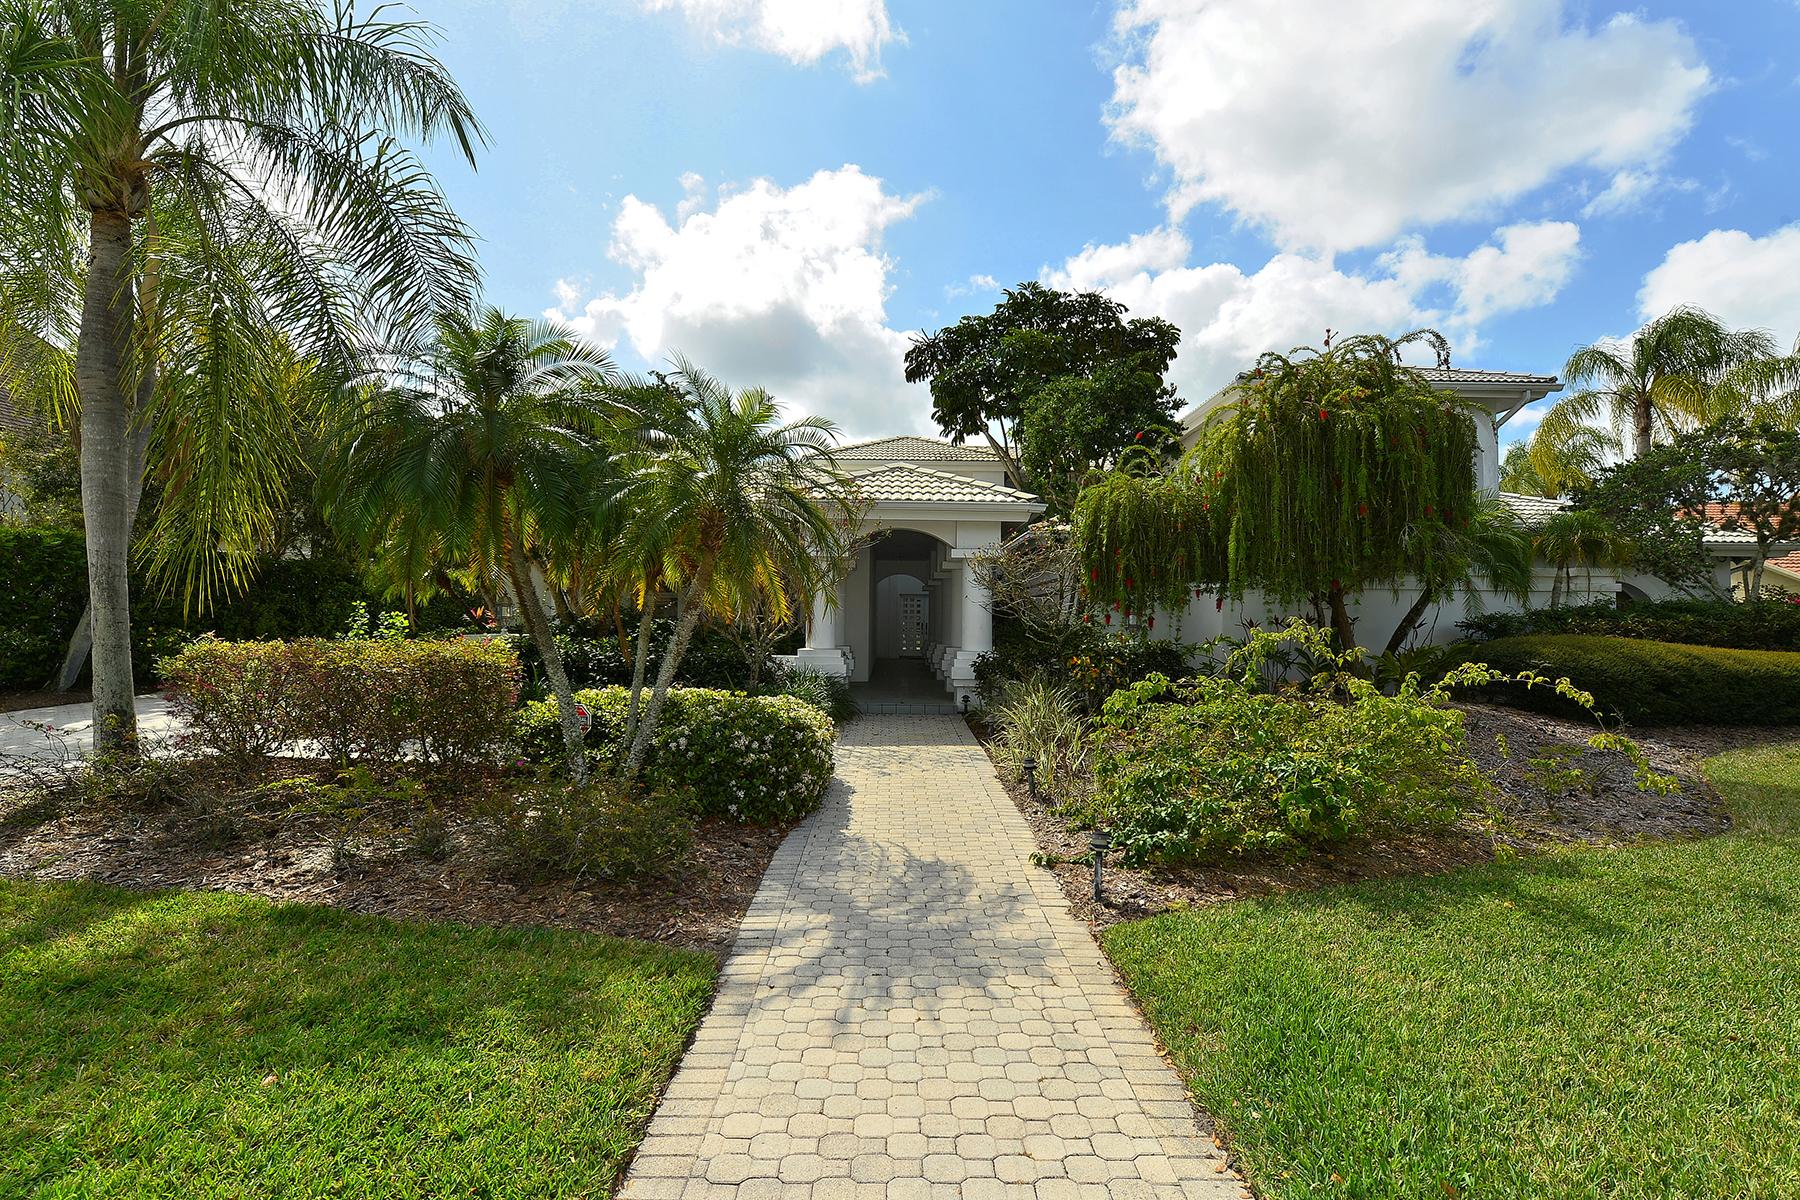 Частный односемейный дом для того Продажа на 4175 Escondito Cir , Sarasota, FL 34238 4175 Escondito Cir Sarasota, Флорида 34238 Соединенные Штаты